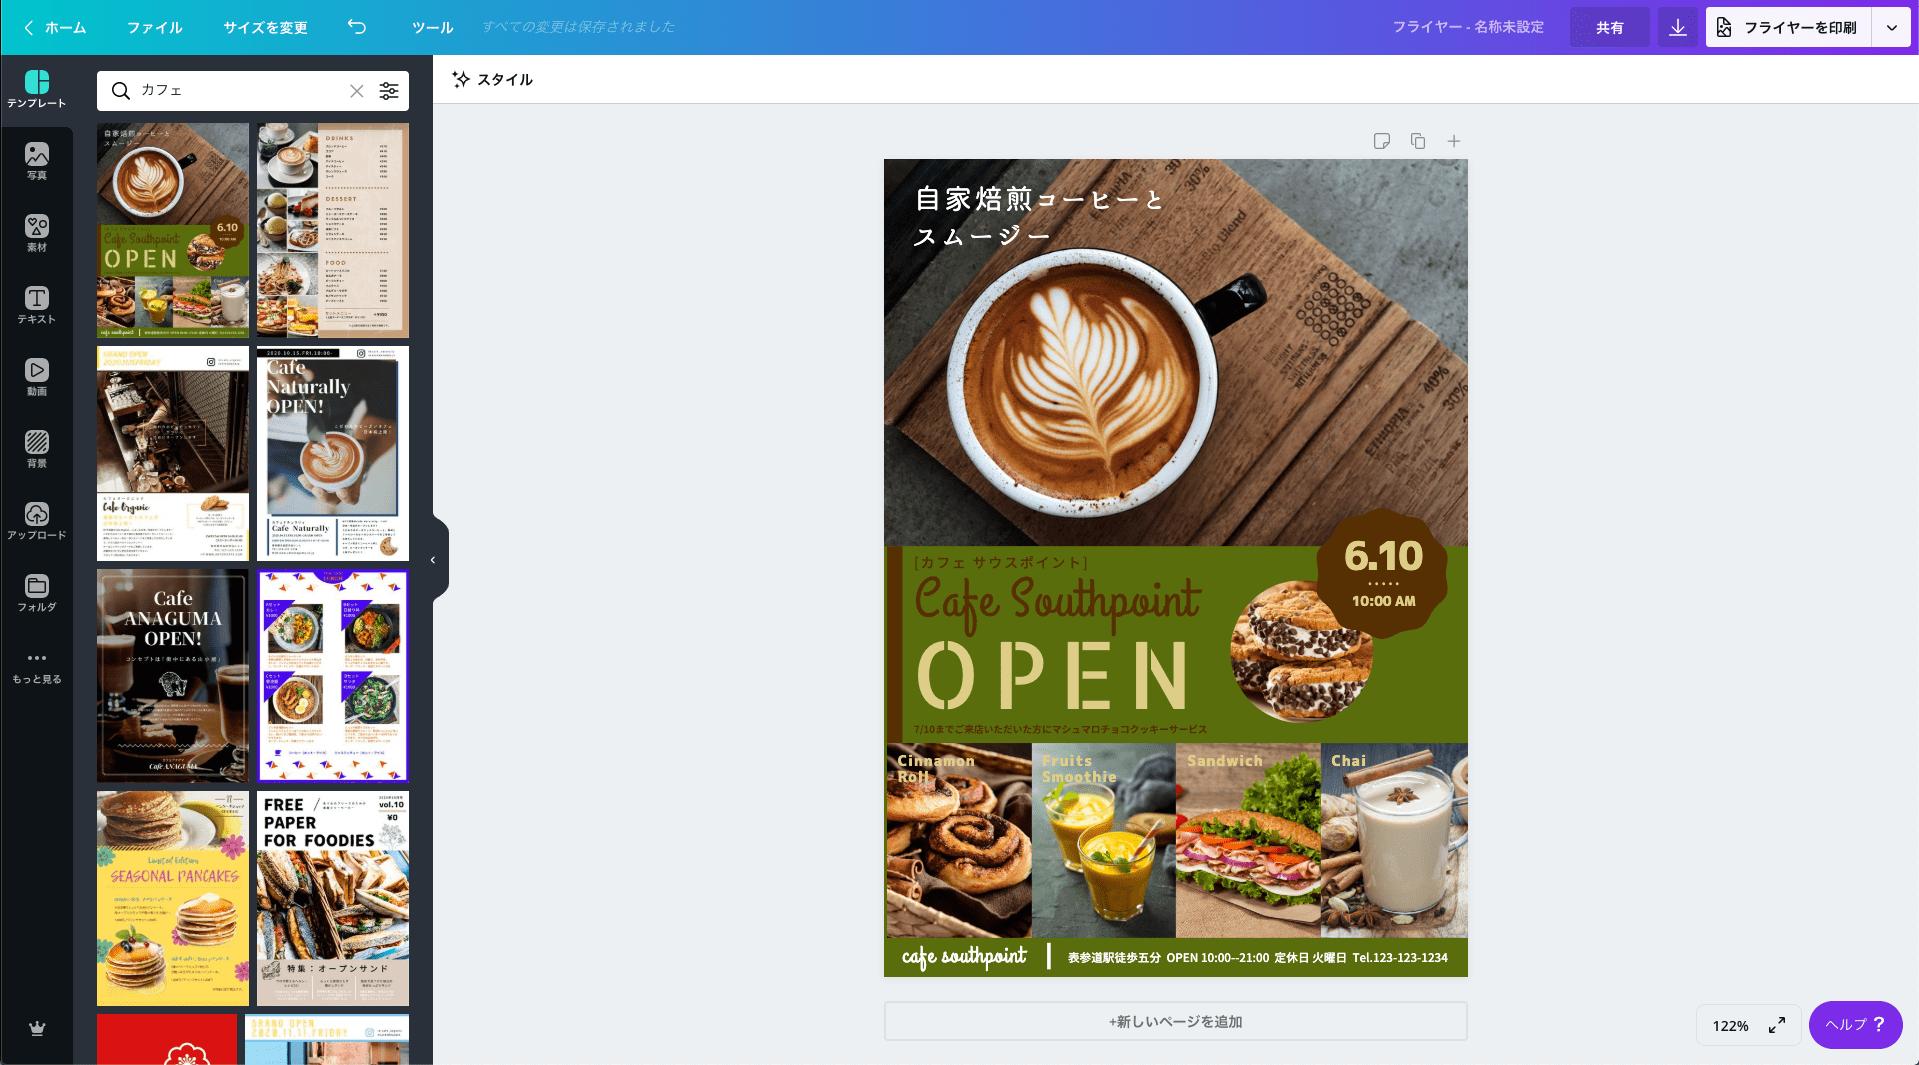 カフェのチラシ